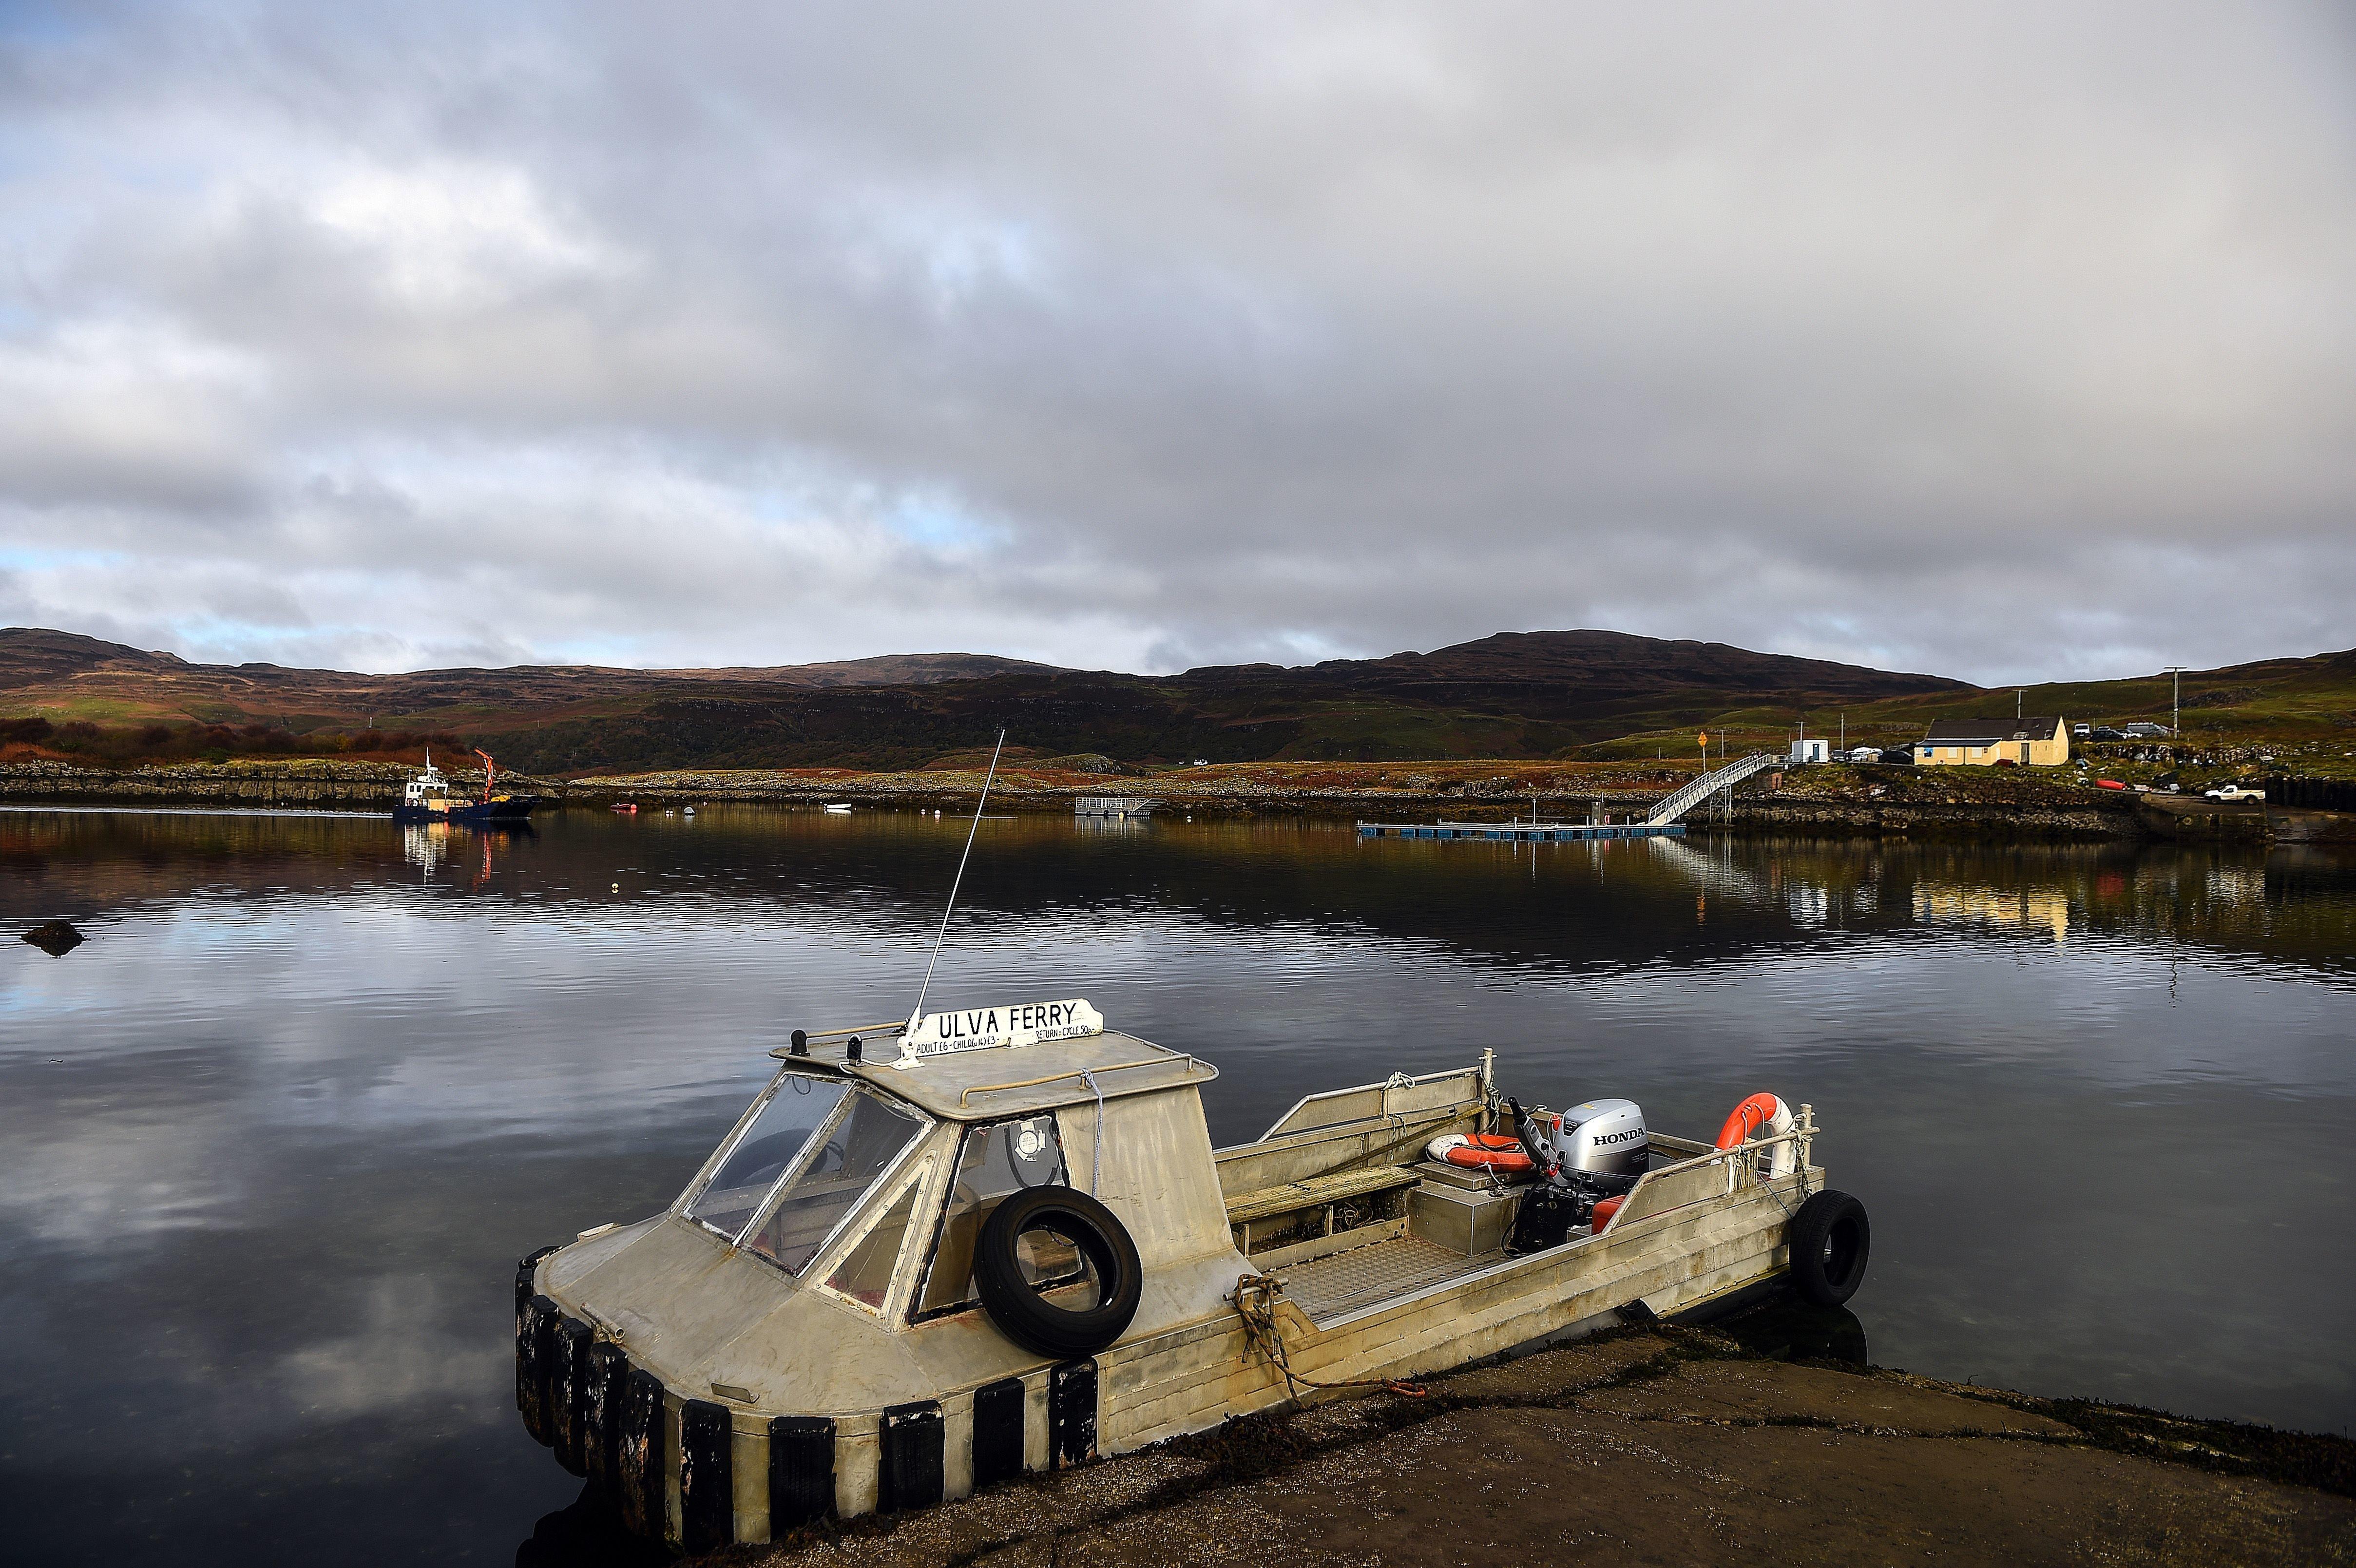 Η ιστορία της Ούλβα, του μικρού νησιού στη Σκωτία που αγόρασαν οι πέντε κάτοικοί του για να μην πέσει στα χέρια Ρώσων